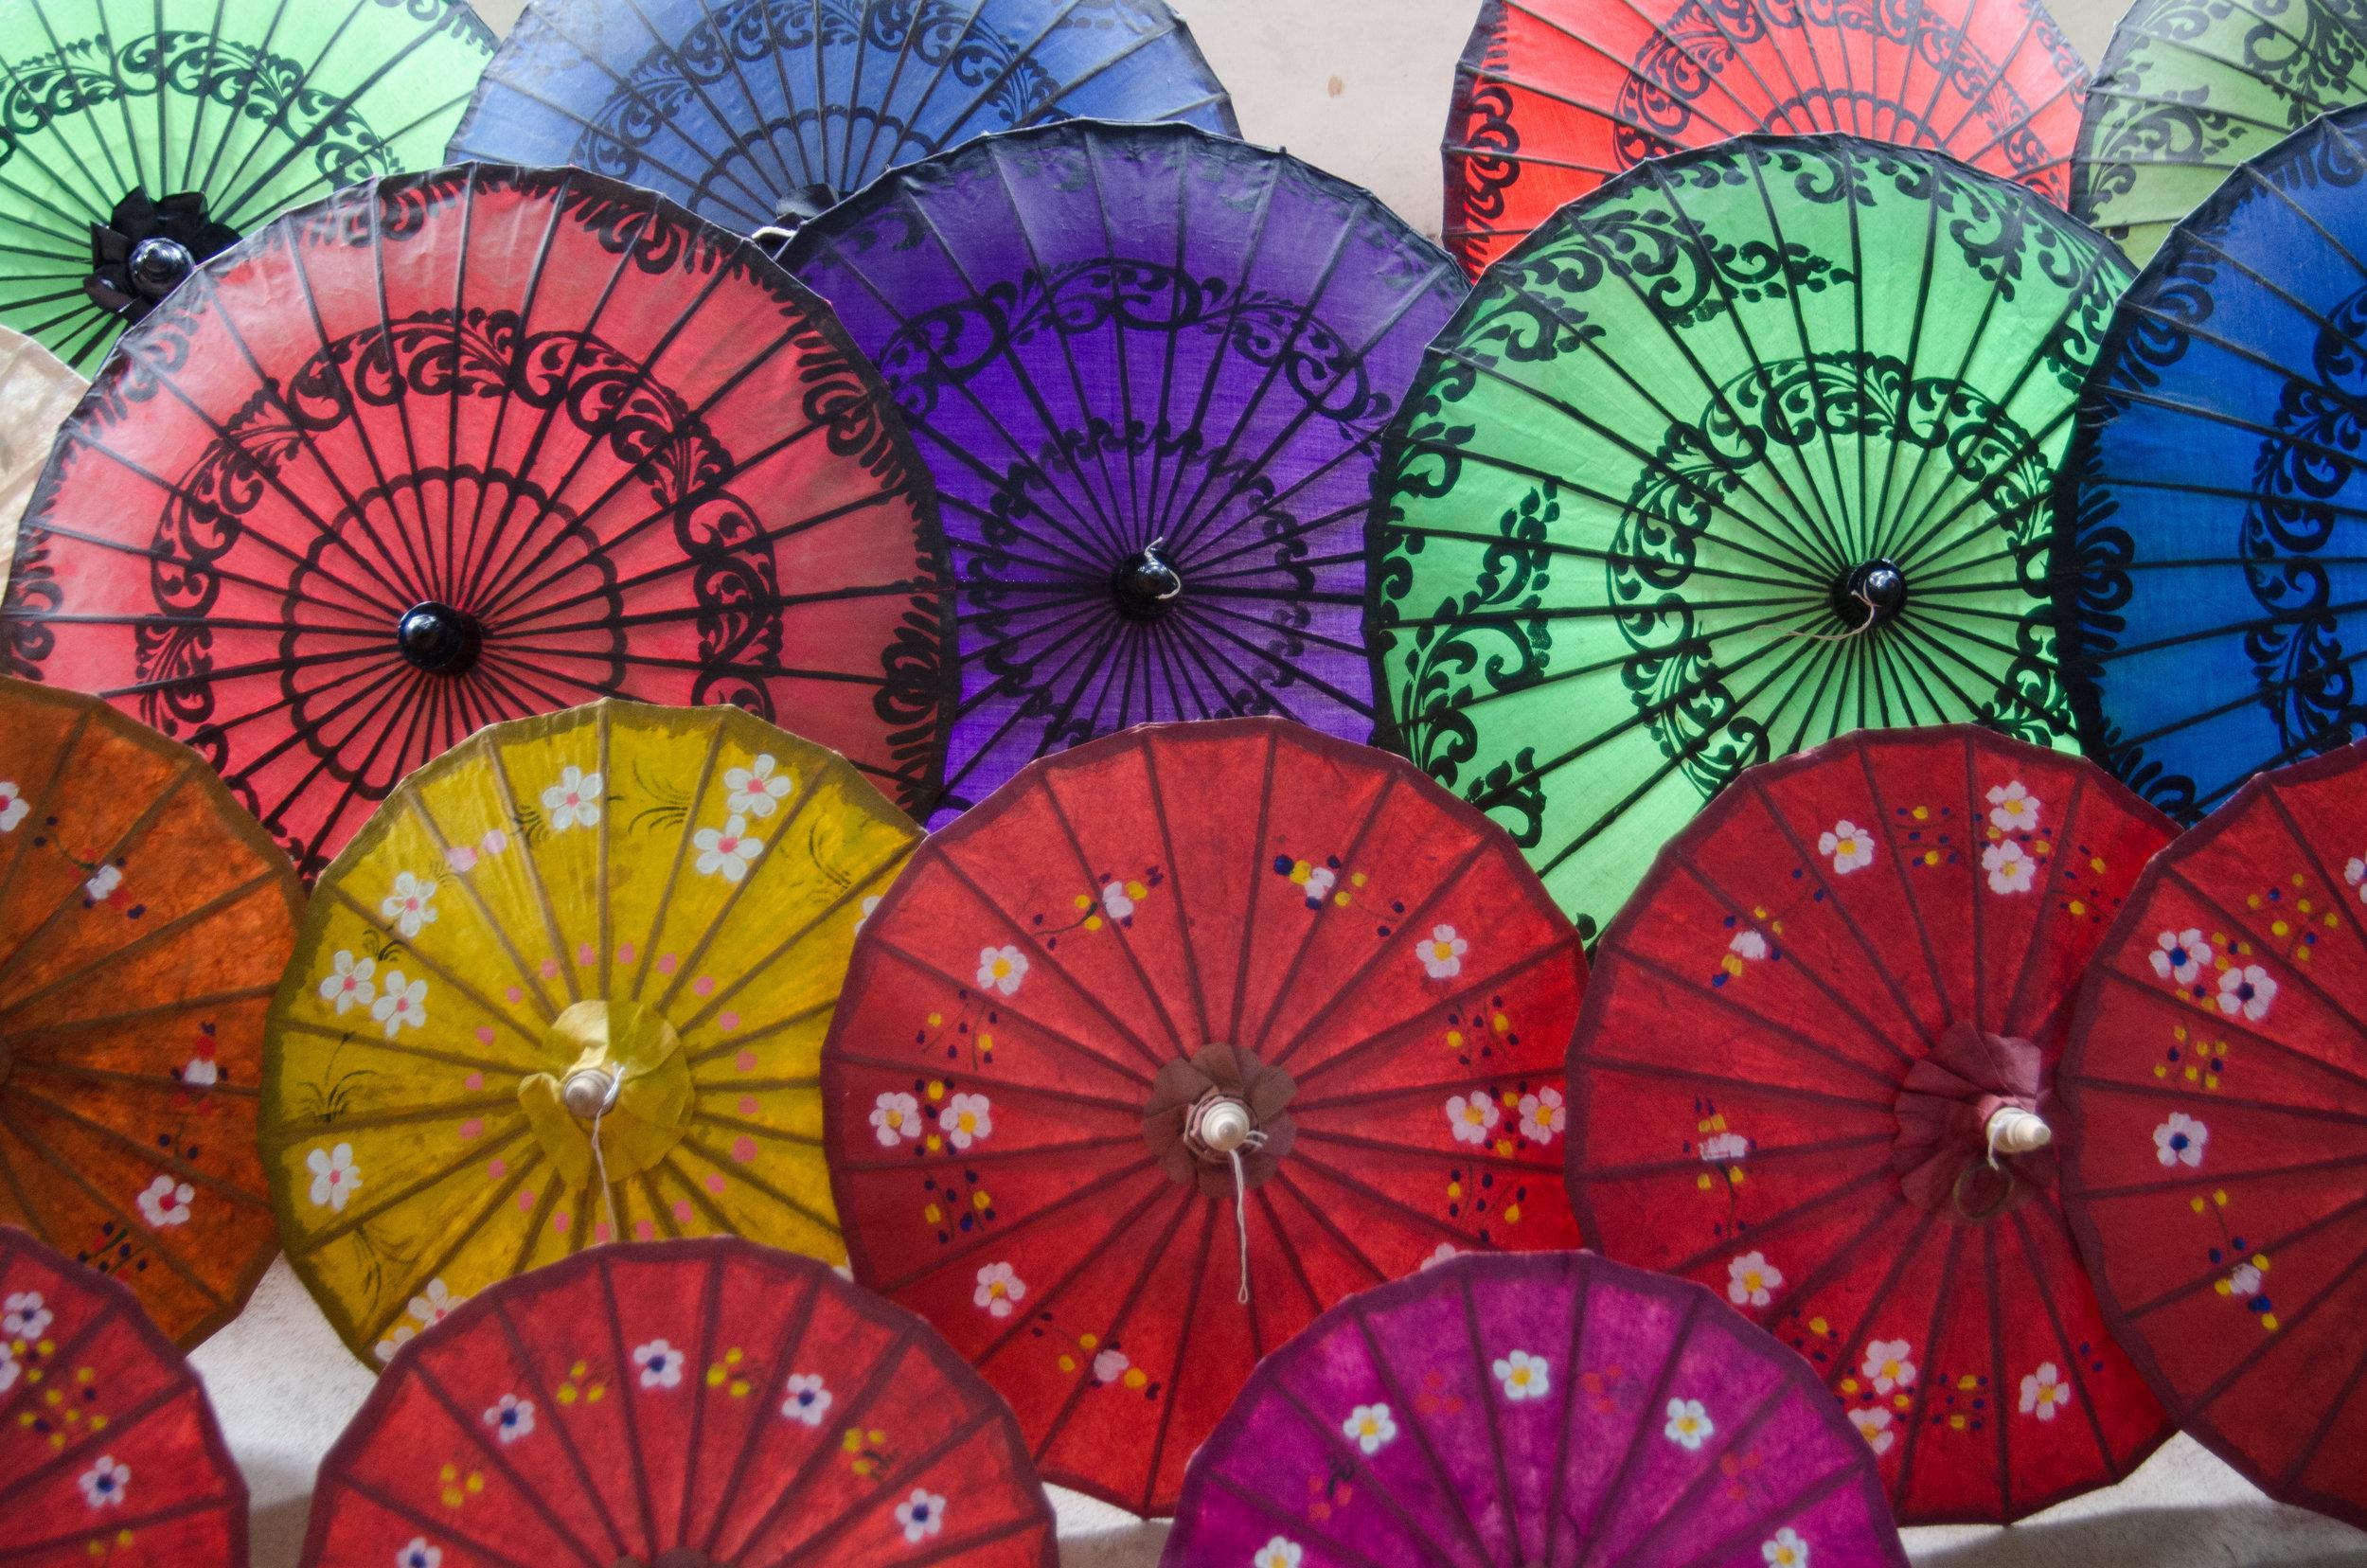 Umbrella factory, Inle Lake, Myanmar